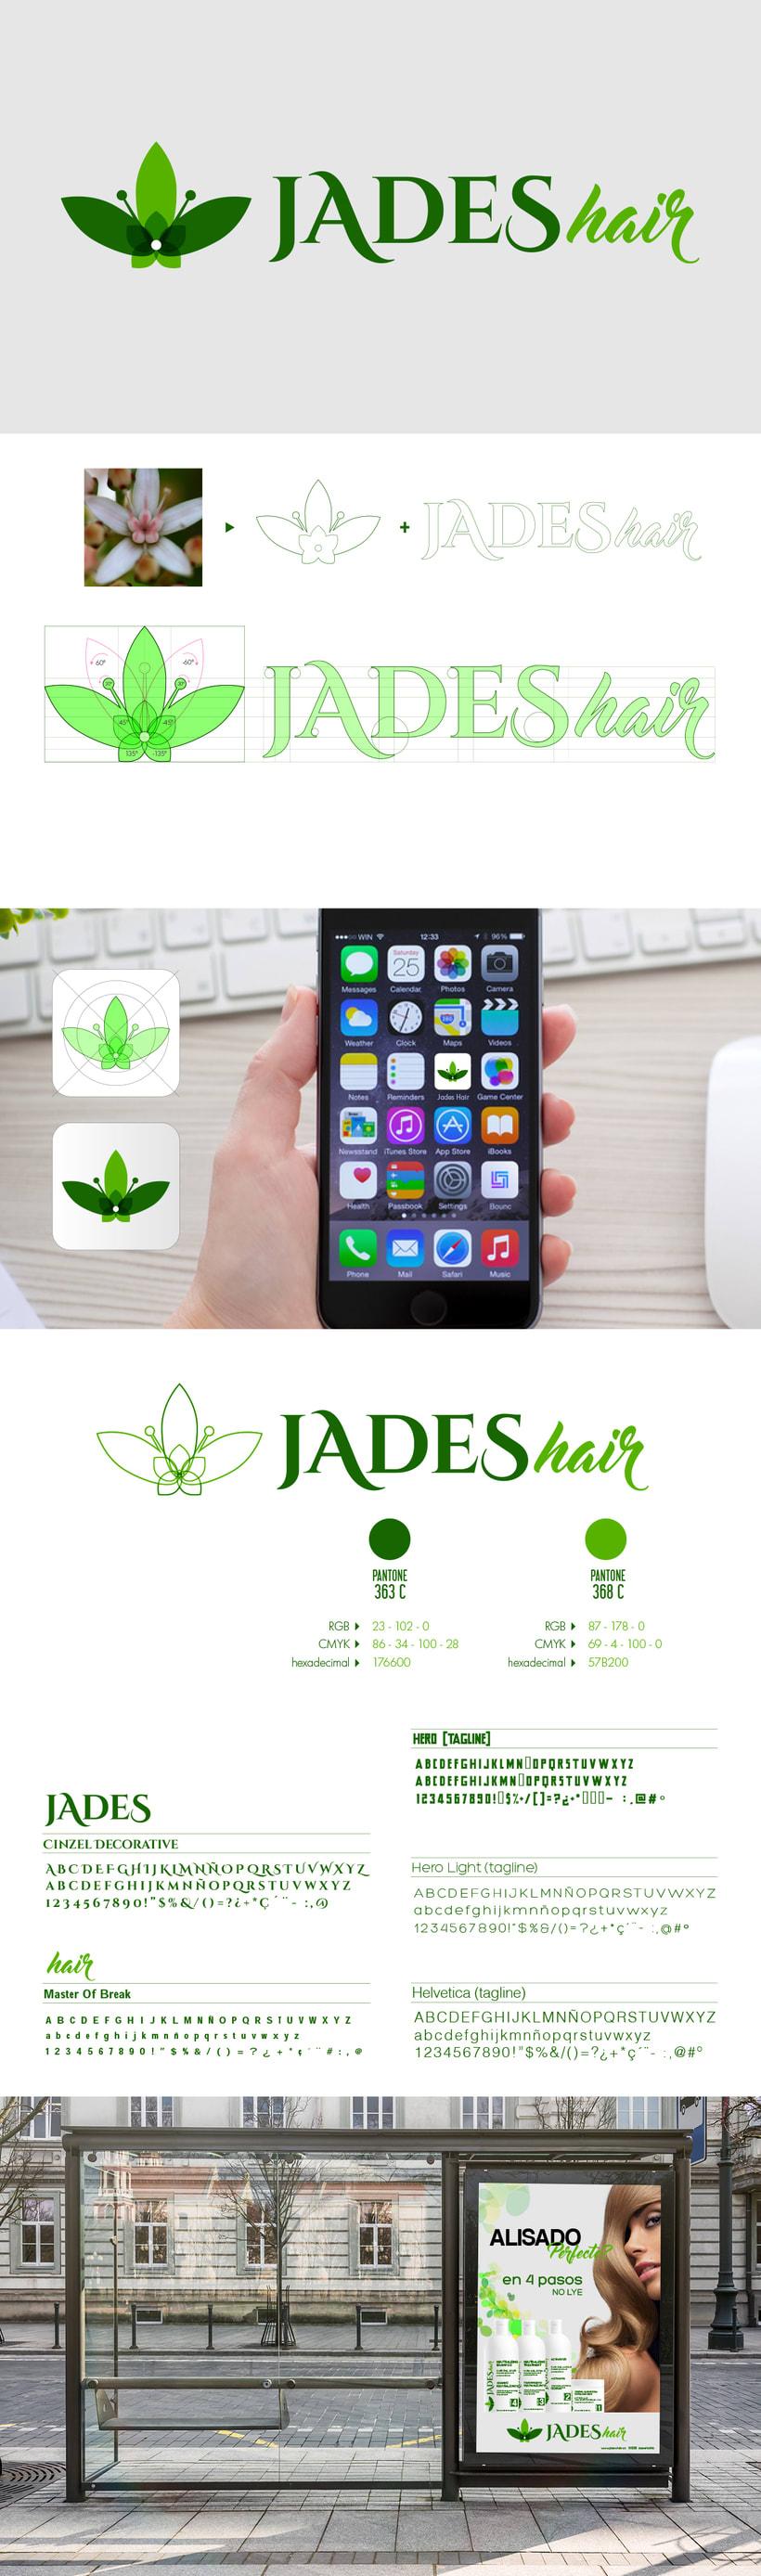 Jades Hair -1